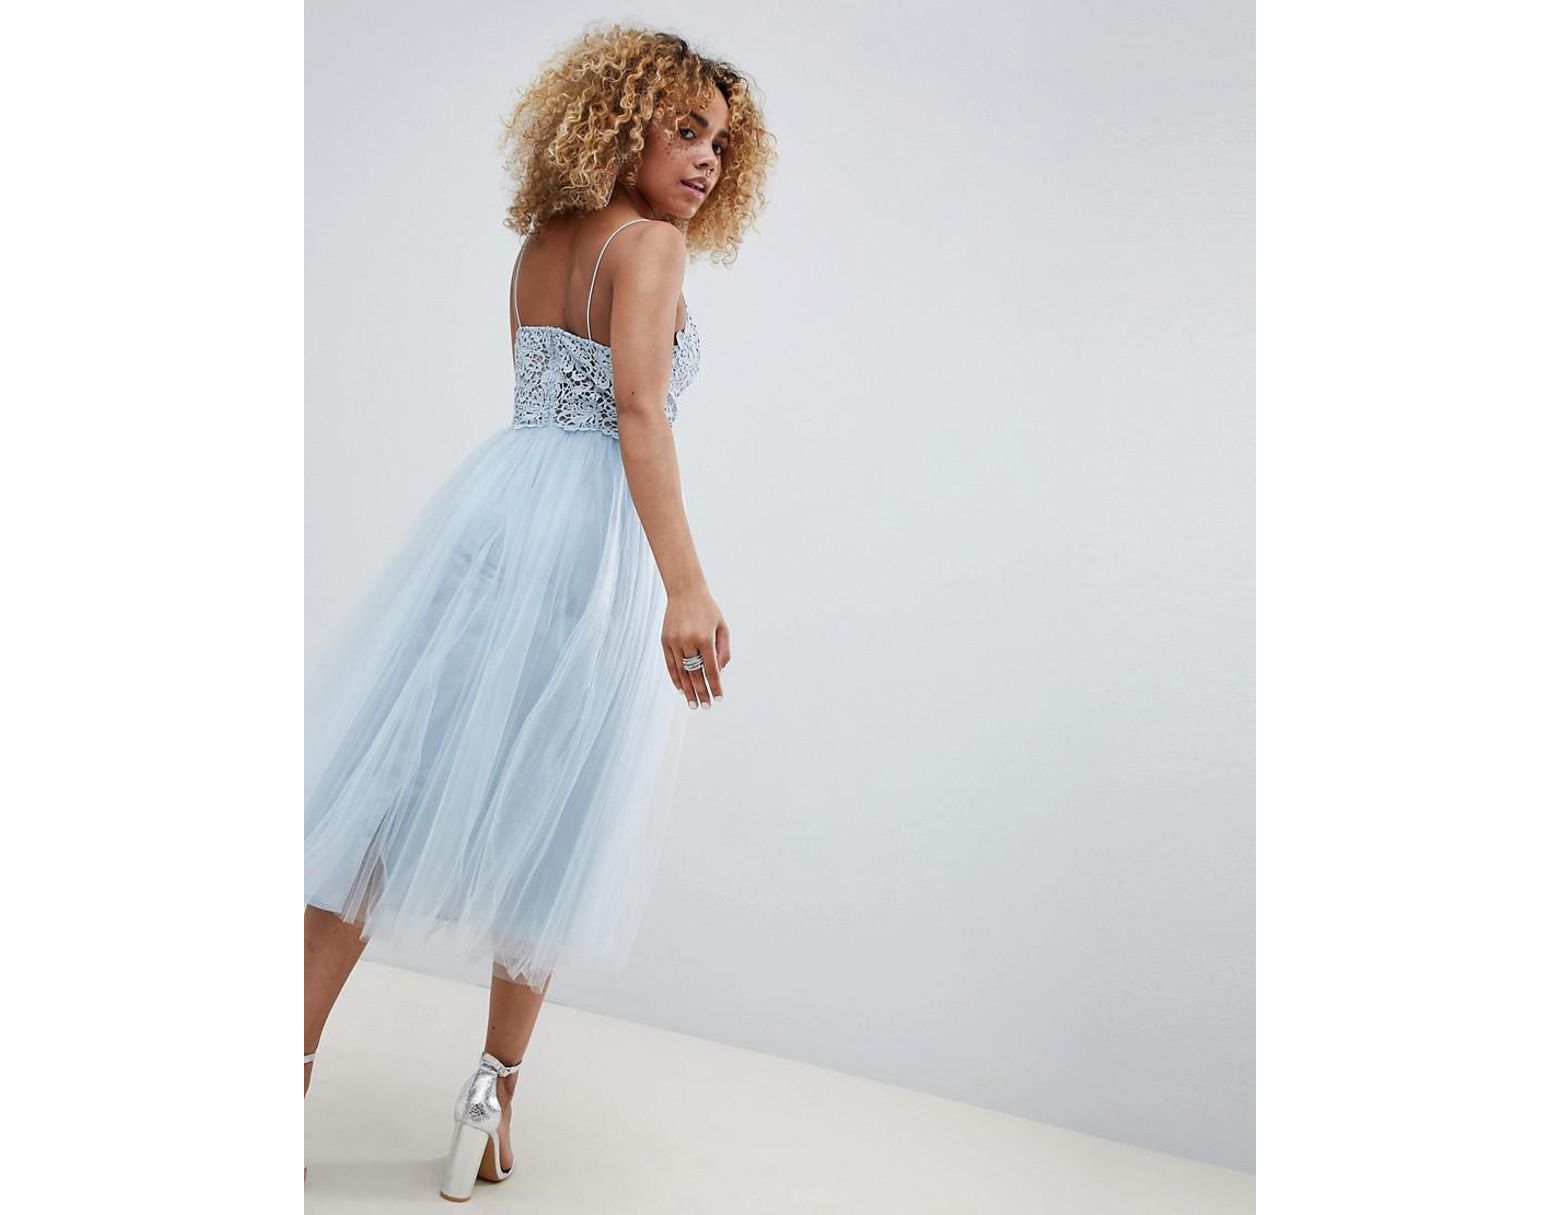 818bddeb289e ASOS Asos Design Petite Premium Lace Cami Top Tulle Midi Dress in Blue -  Lyst